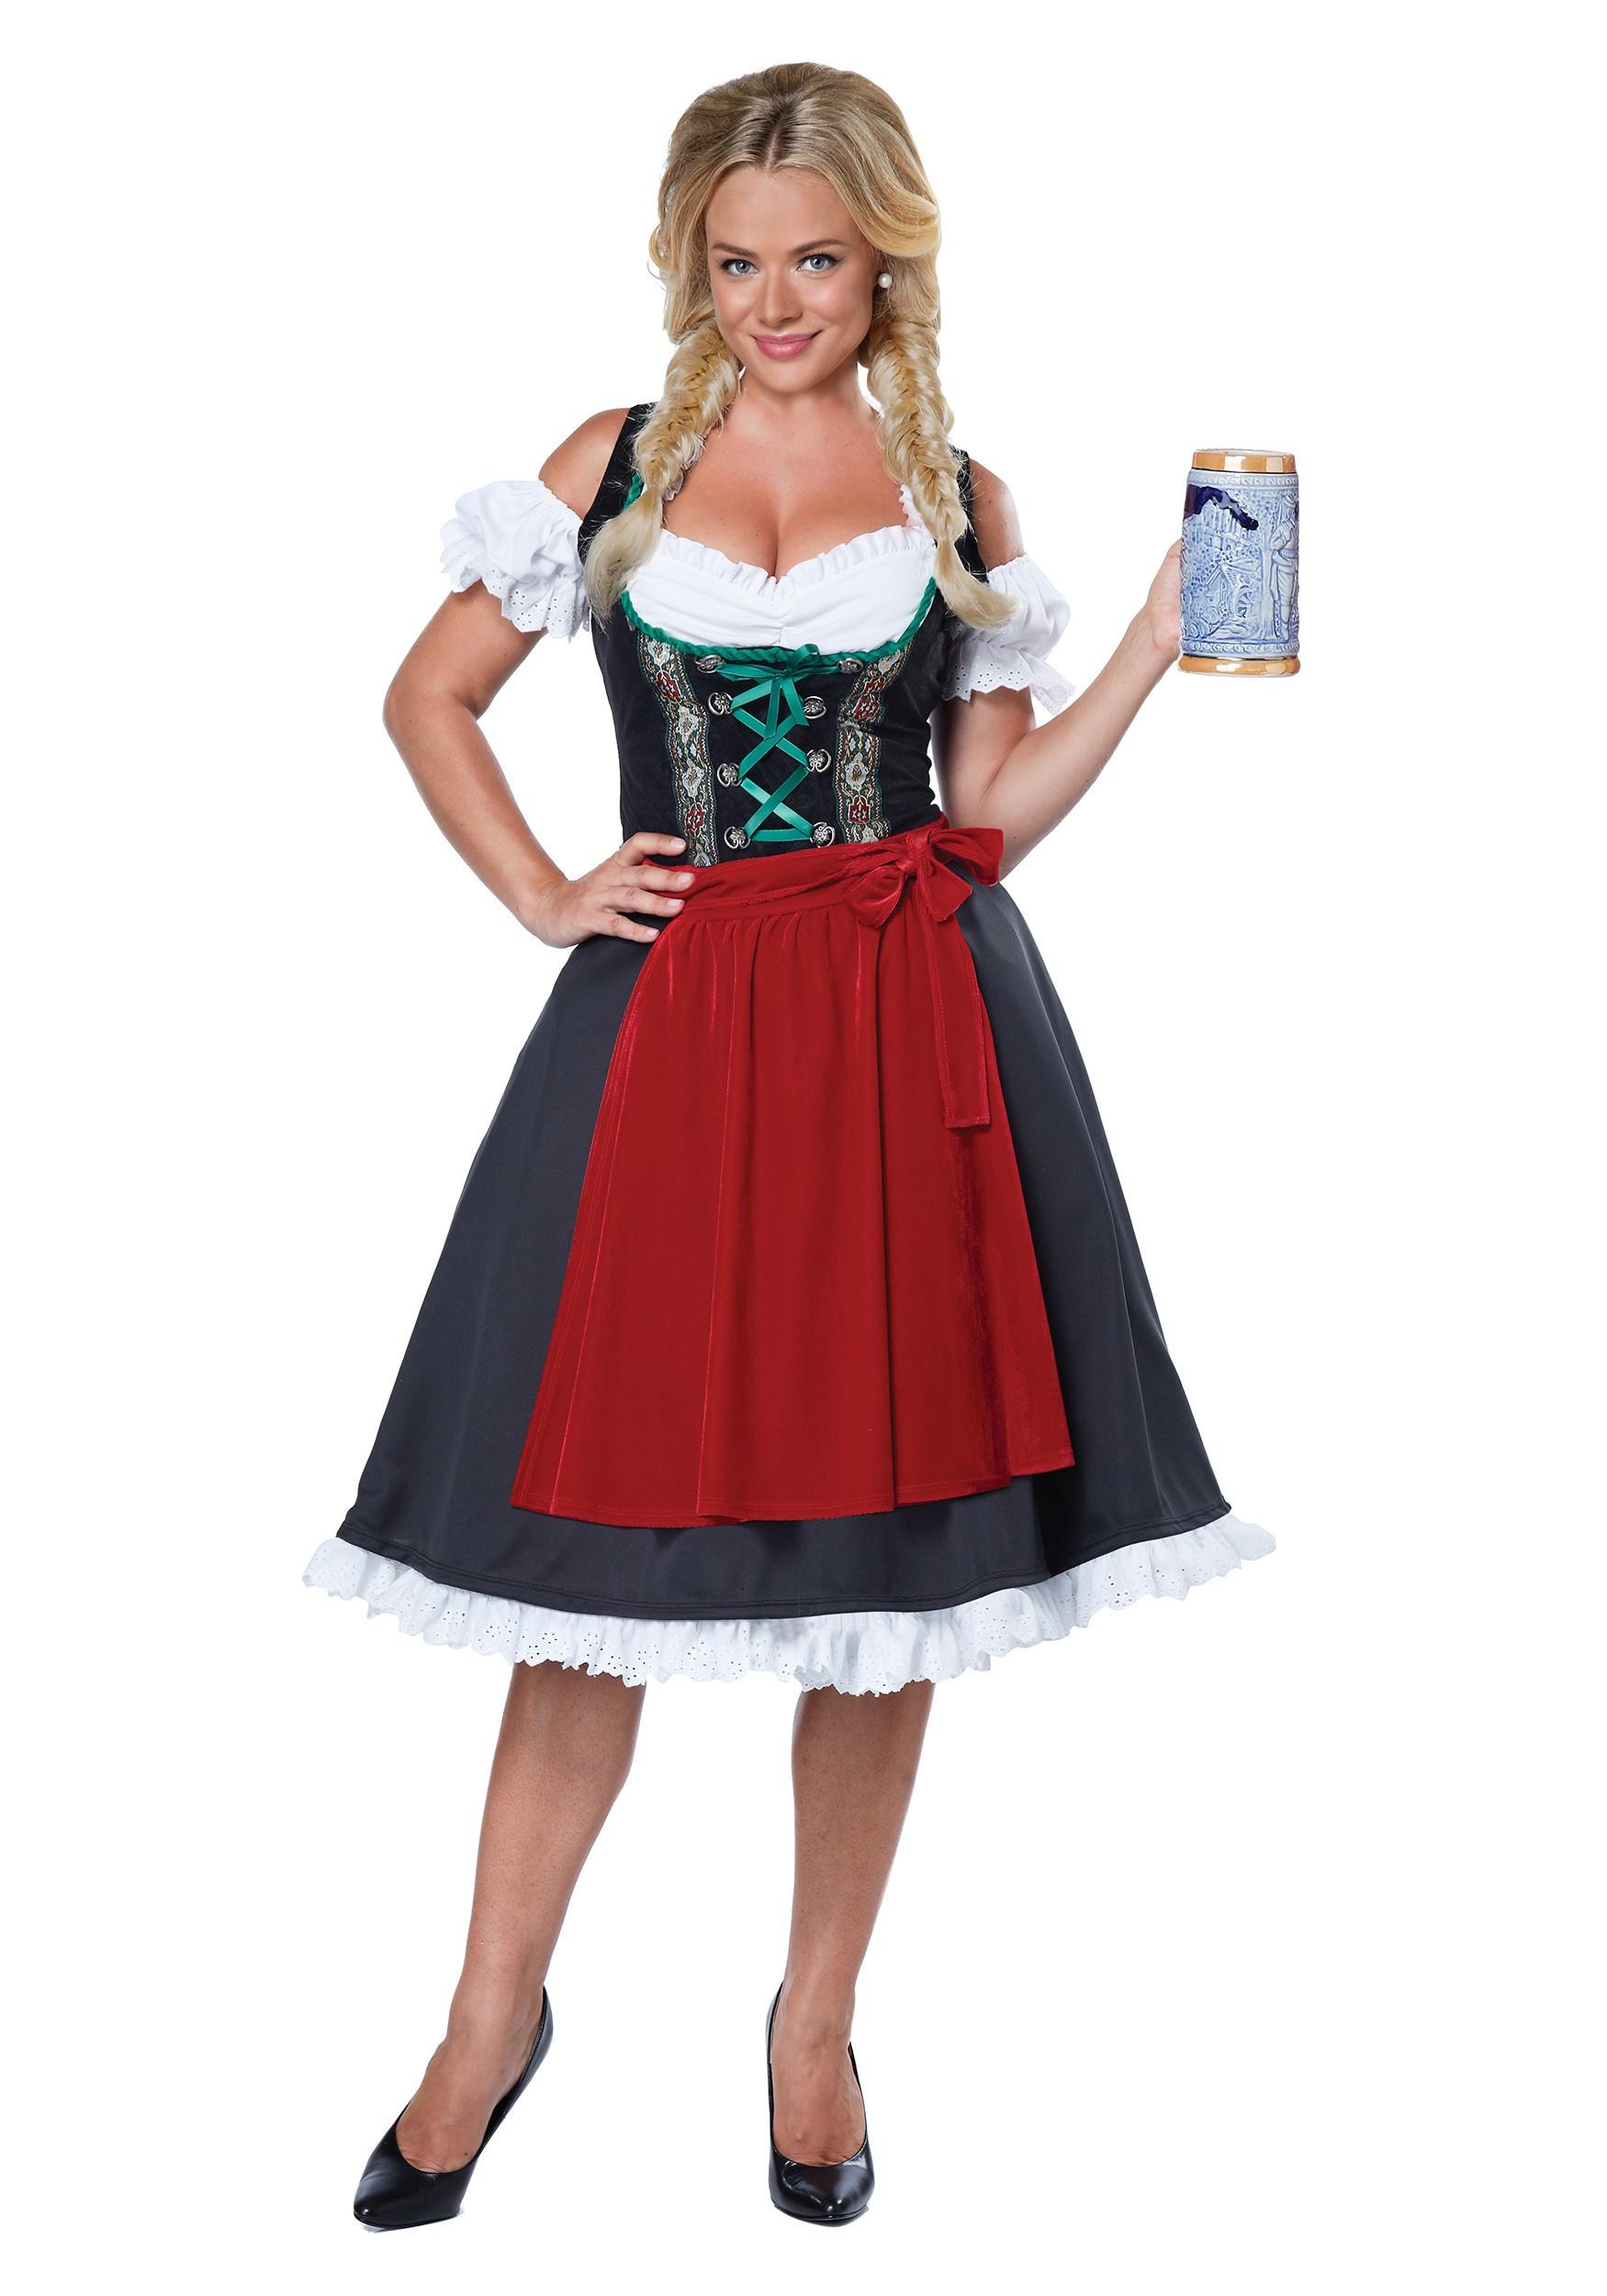 Oktoberfest Fraulein Costume for Women